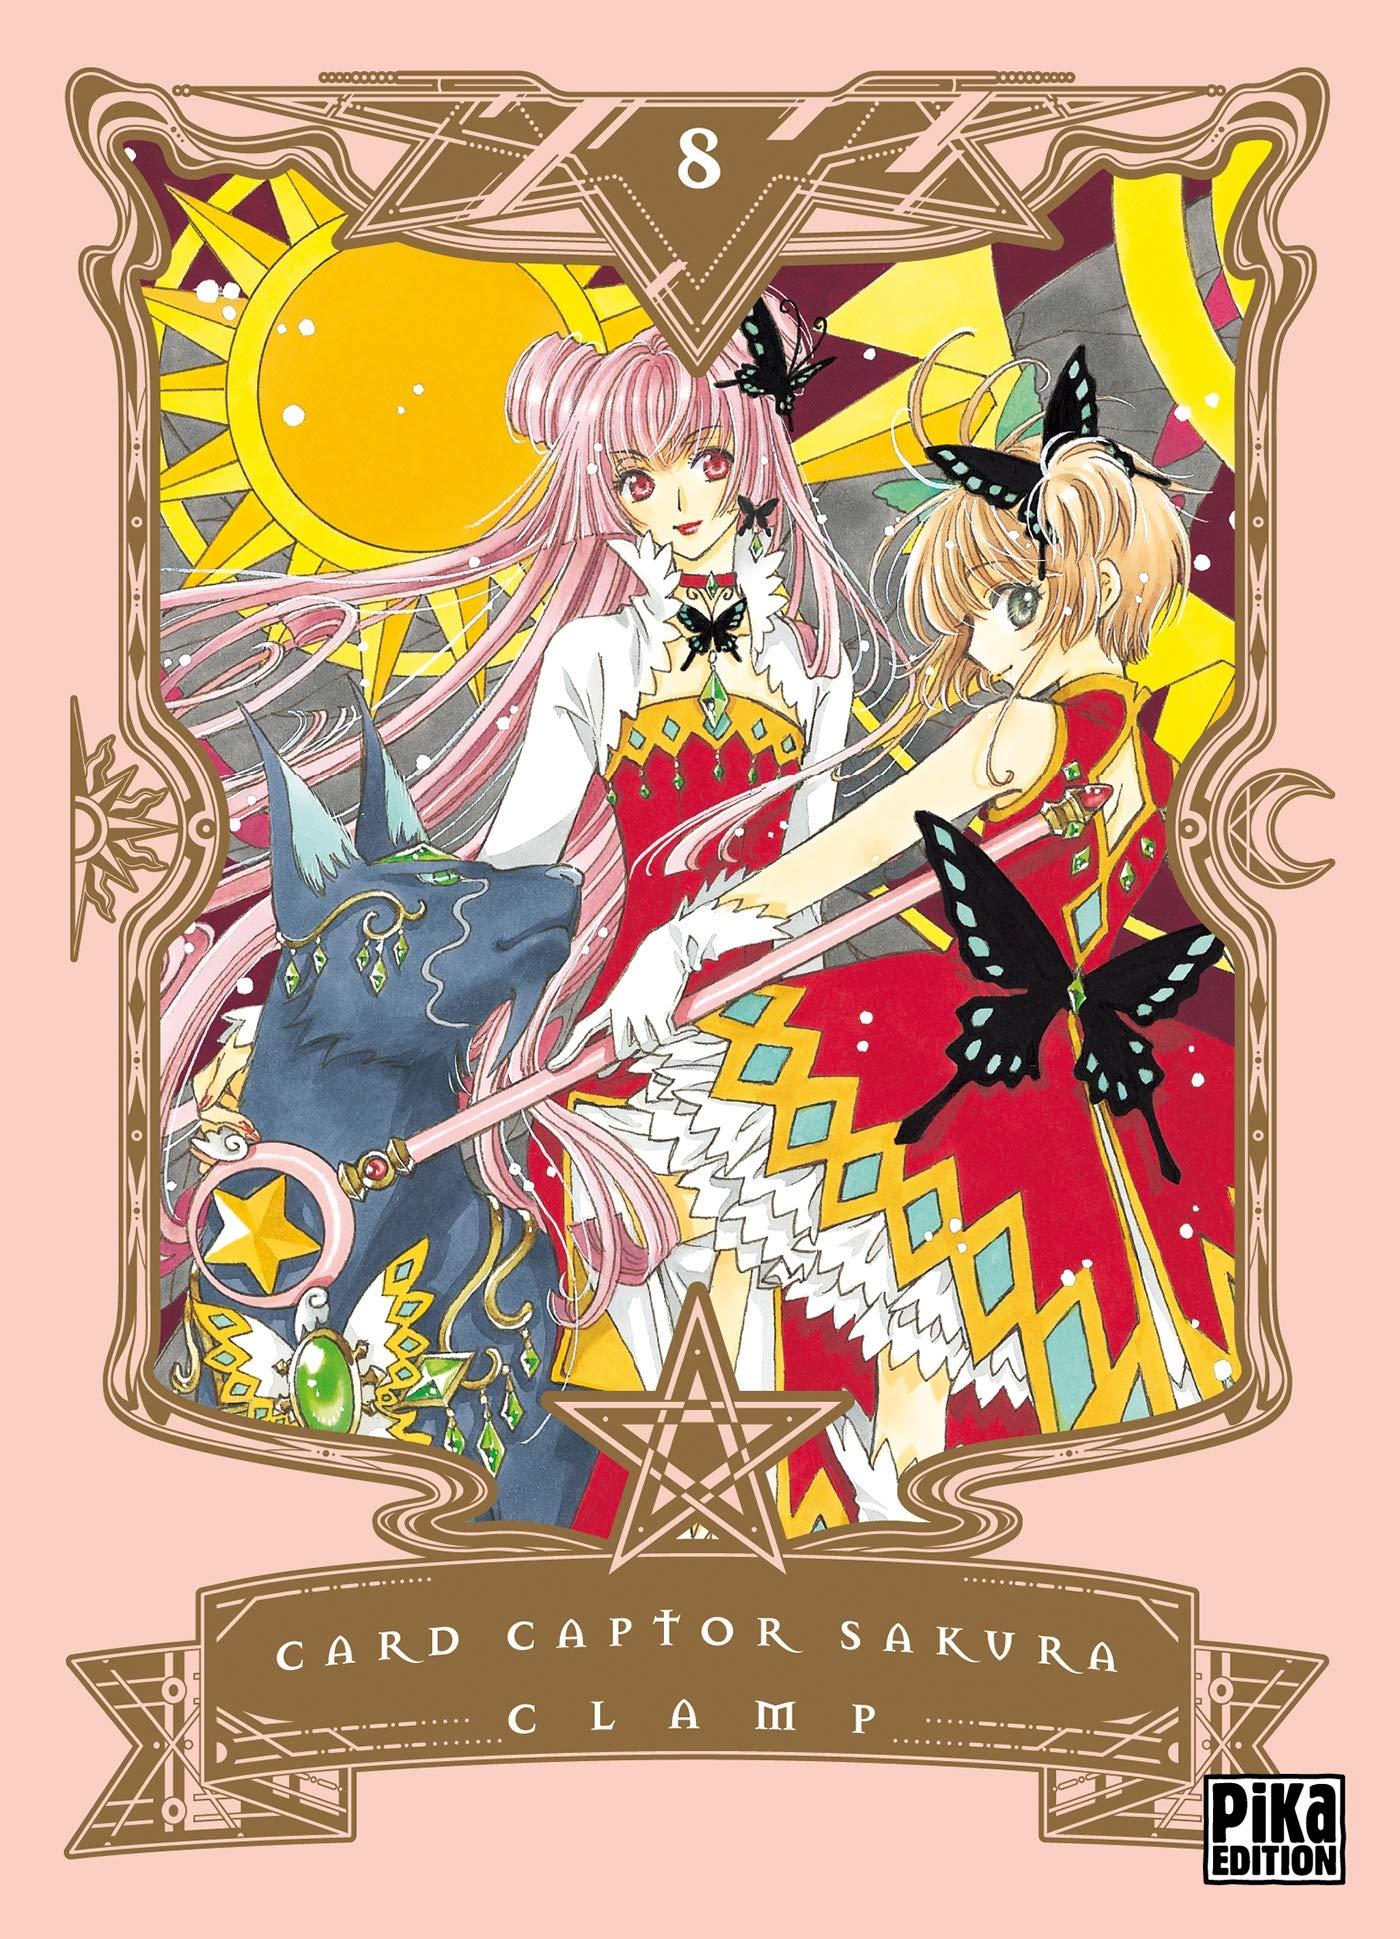 Tome 8: C'est la grande kermesse de l'école, l'occasion pour Sakura d'y passer du temps avec Yukito ! Mais une fois encore, rien ne se déroule comme prévu et c'est Yué qui doit intervenir. Alors que Sakura se retrouve à nouveau confrontée à des rêves étranges, des invocations inconnues apparaissent au cœur du sanctuaire Tsukihime…